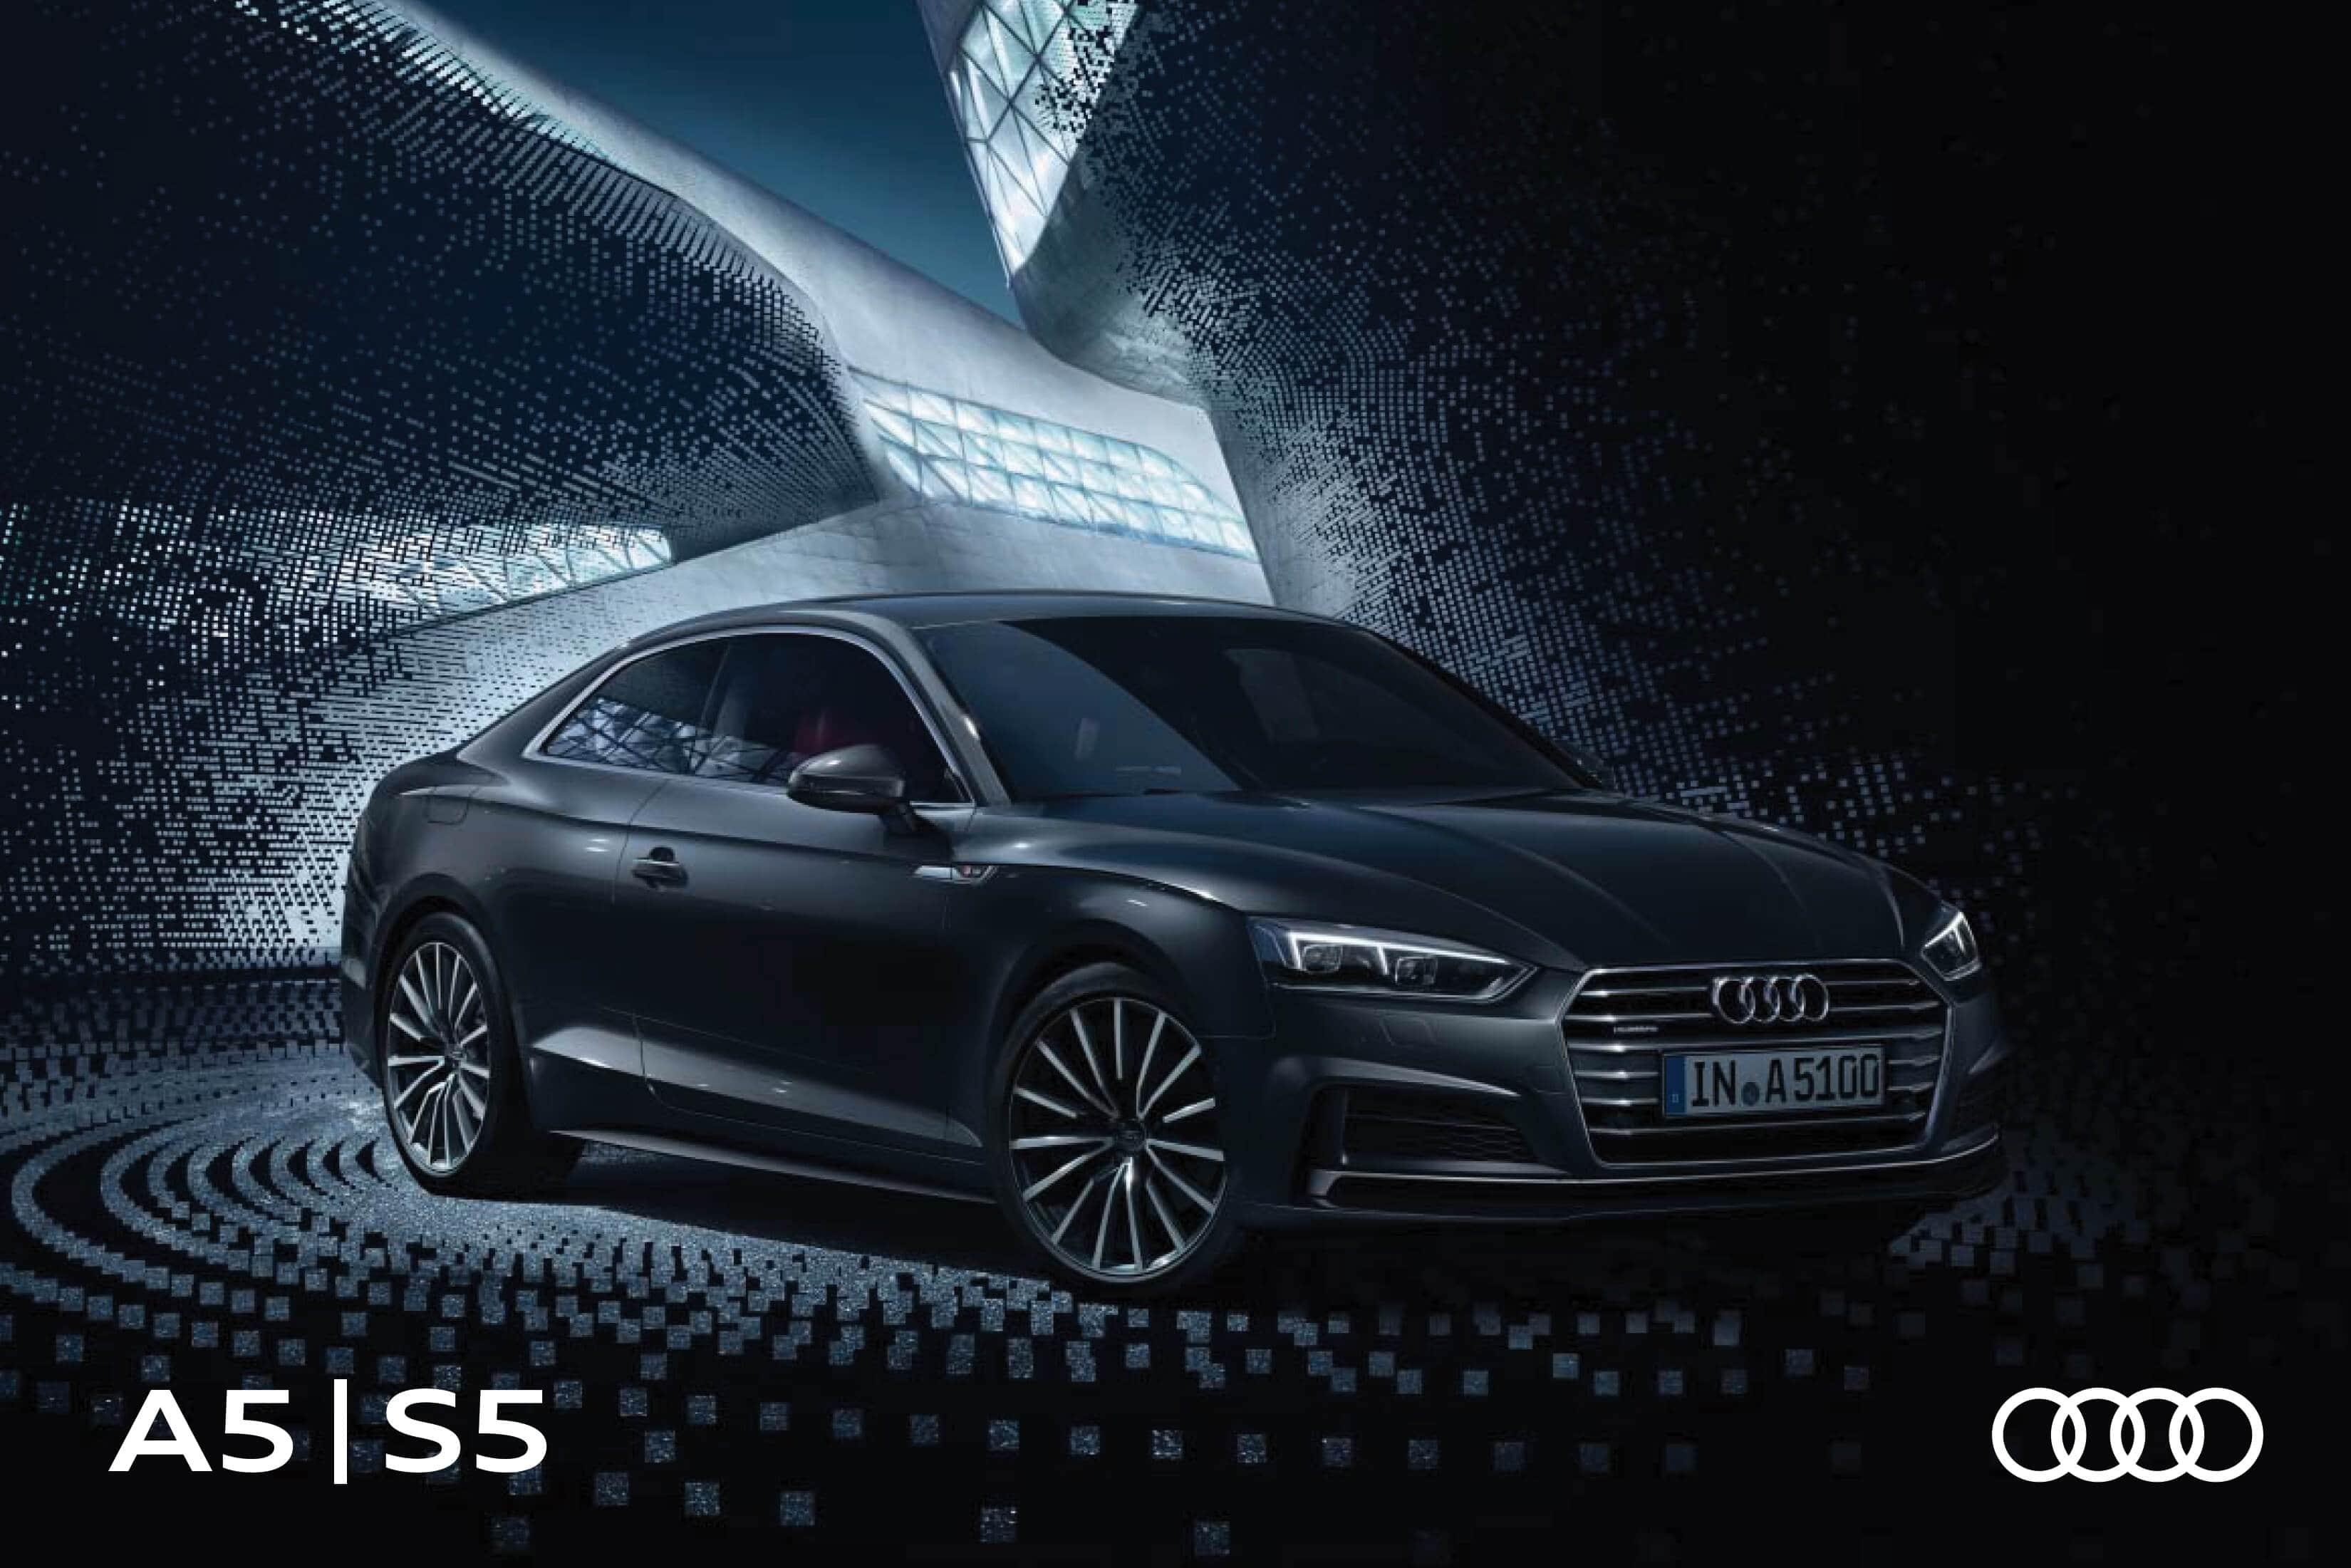 Download Audi brochures > Audi models 2019 > Audi Abu-Dhabi